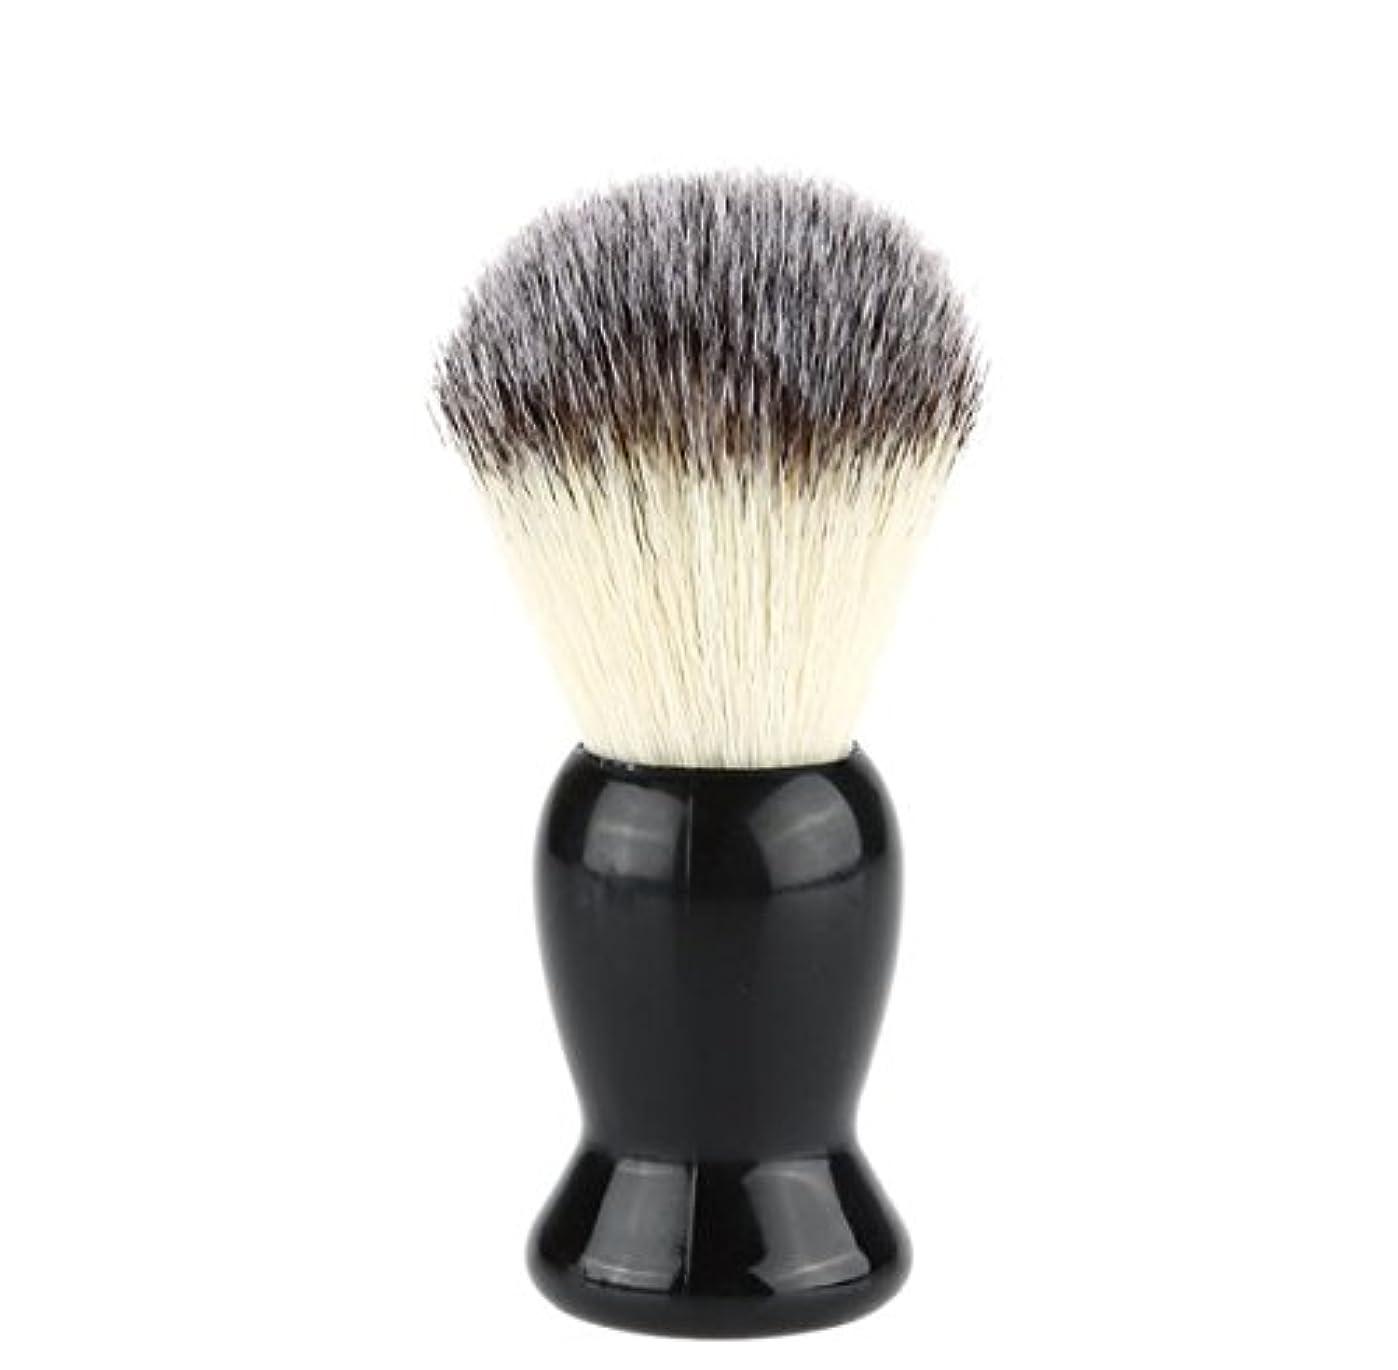 家禽口述忠実にSuperb Barber Salon Shaving Brush Black Handle Face Beard Cleaning Men Shaving Razor Brush Cleaning Appliance...